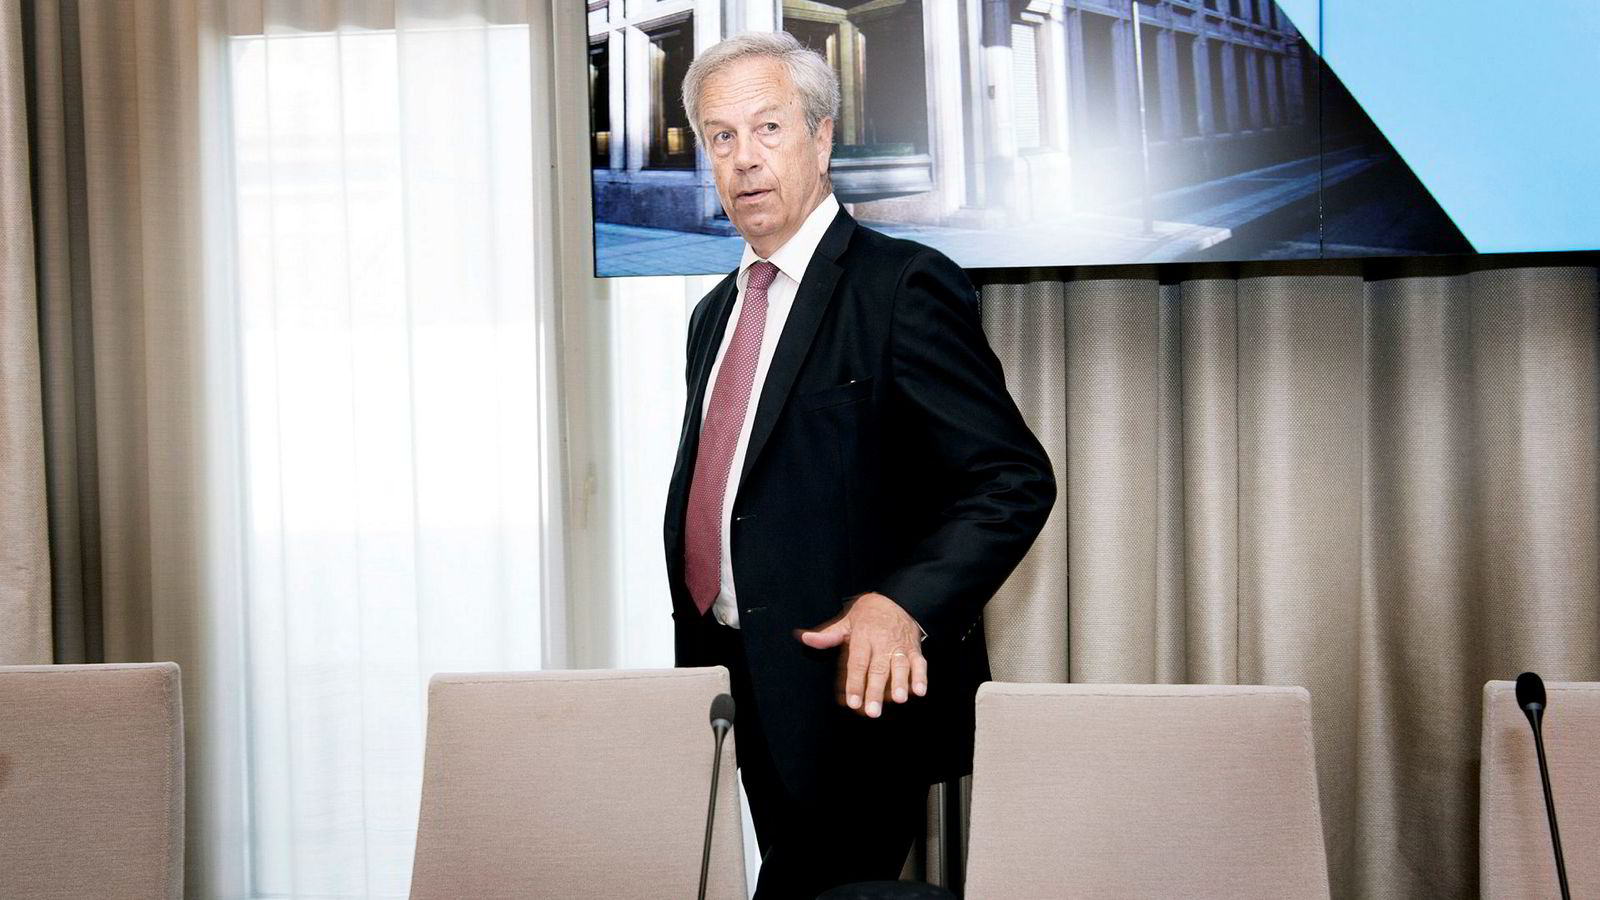 Sentralbanksjef Øystein Olsen og Norges Bank kjøper kroner, men ikke for å påvirke kronekursen.